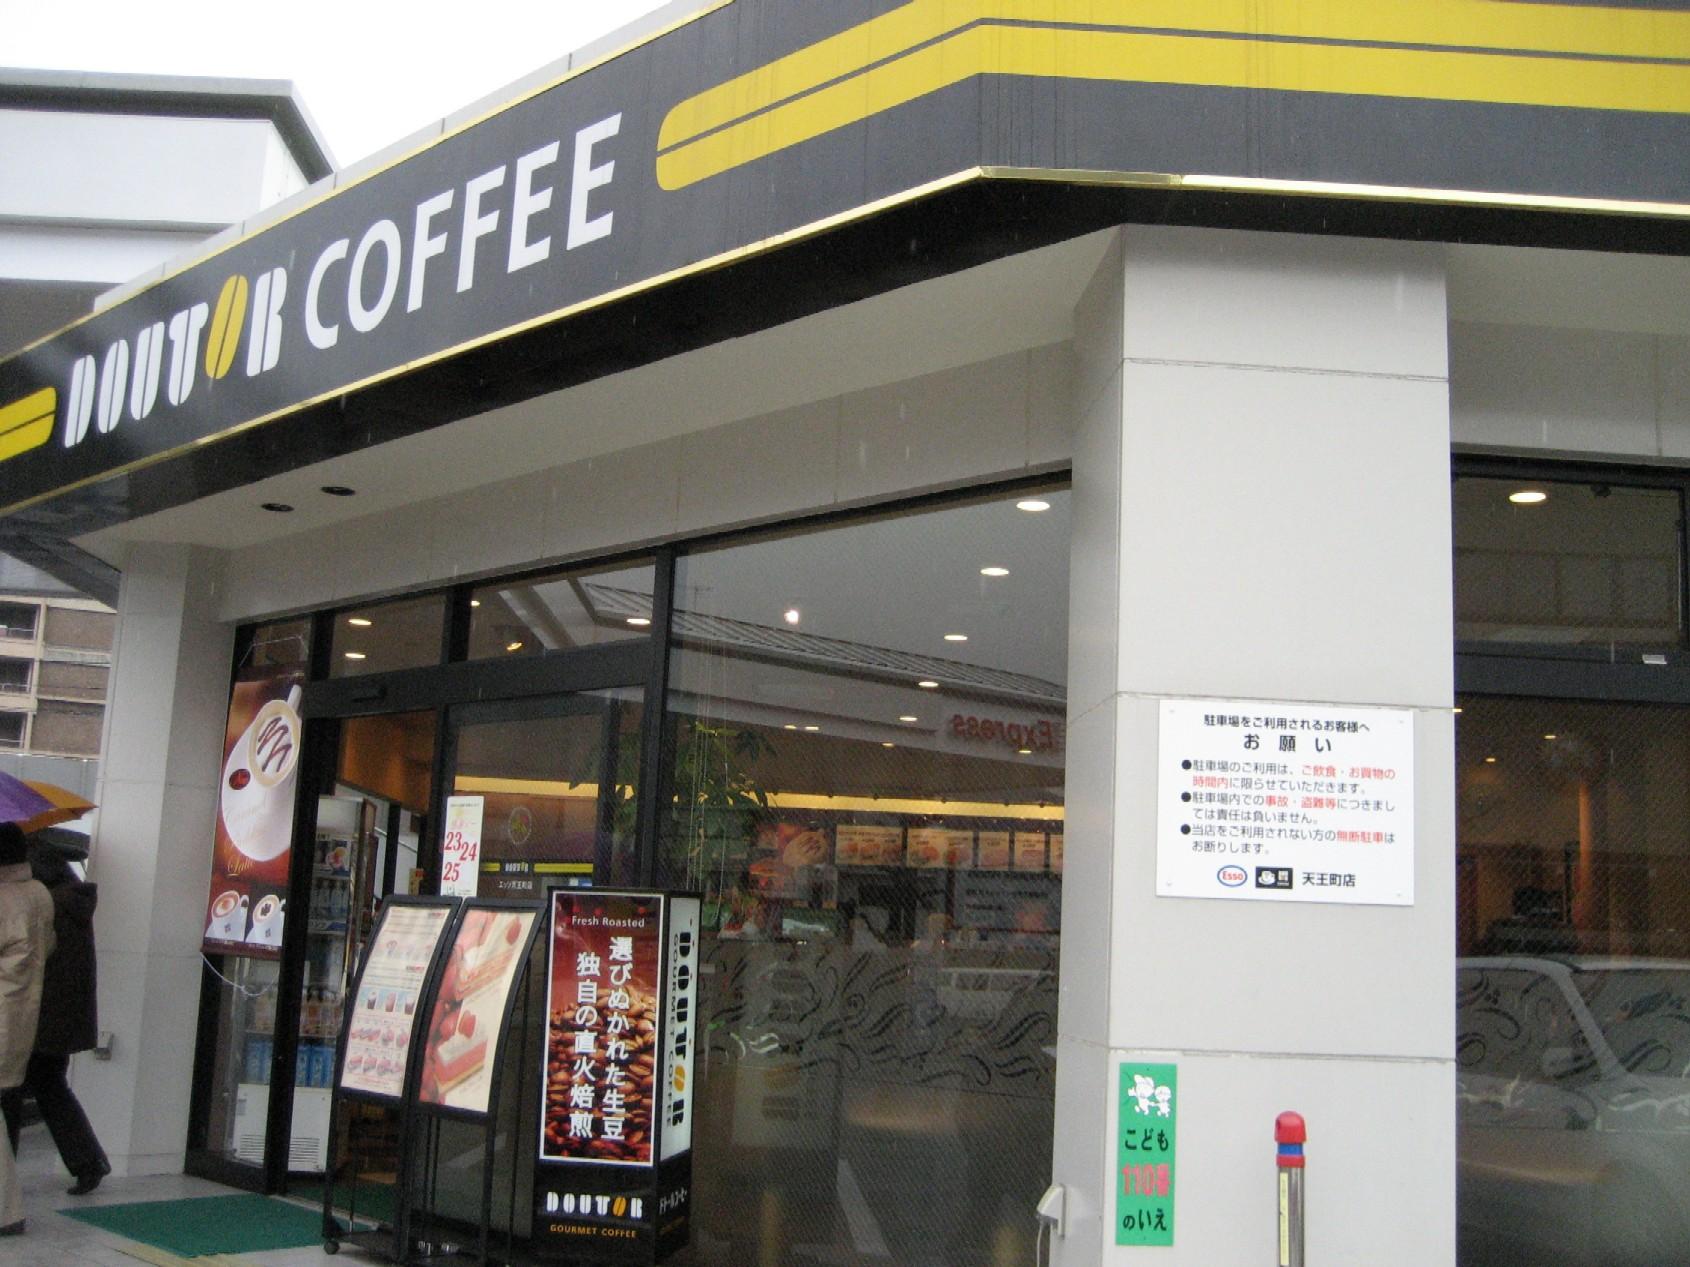 ドトールコーヒーショップ エッソ天王町店